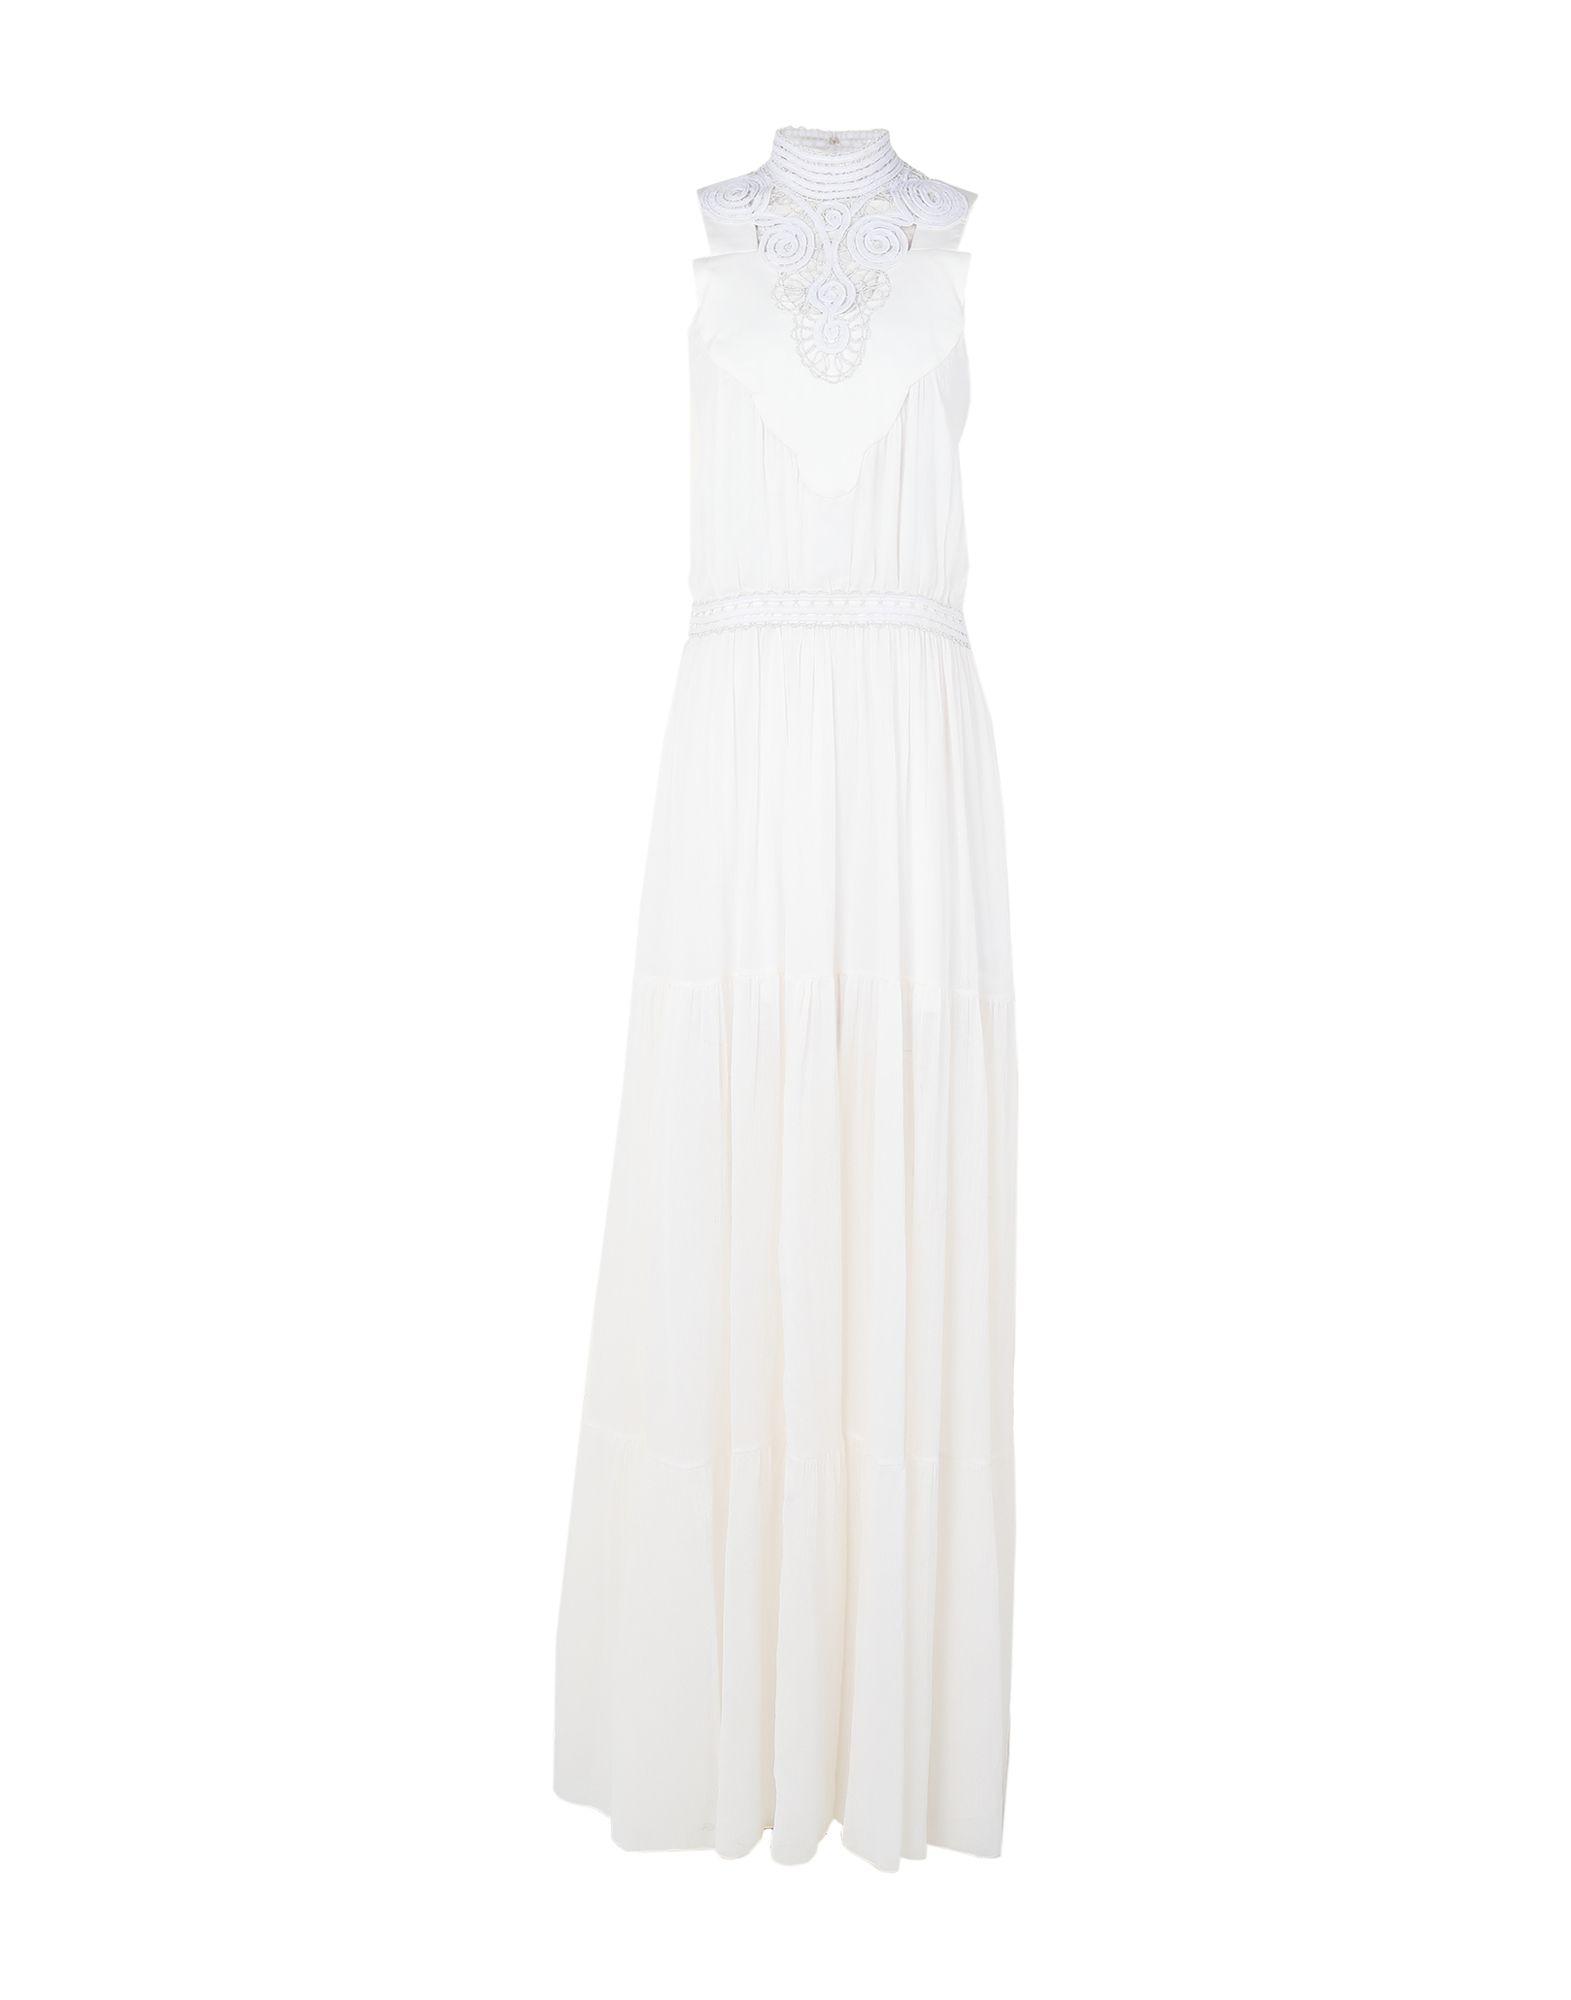 GENNY ジェニー レディース ロングワンピース&ドレス ホワイト